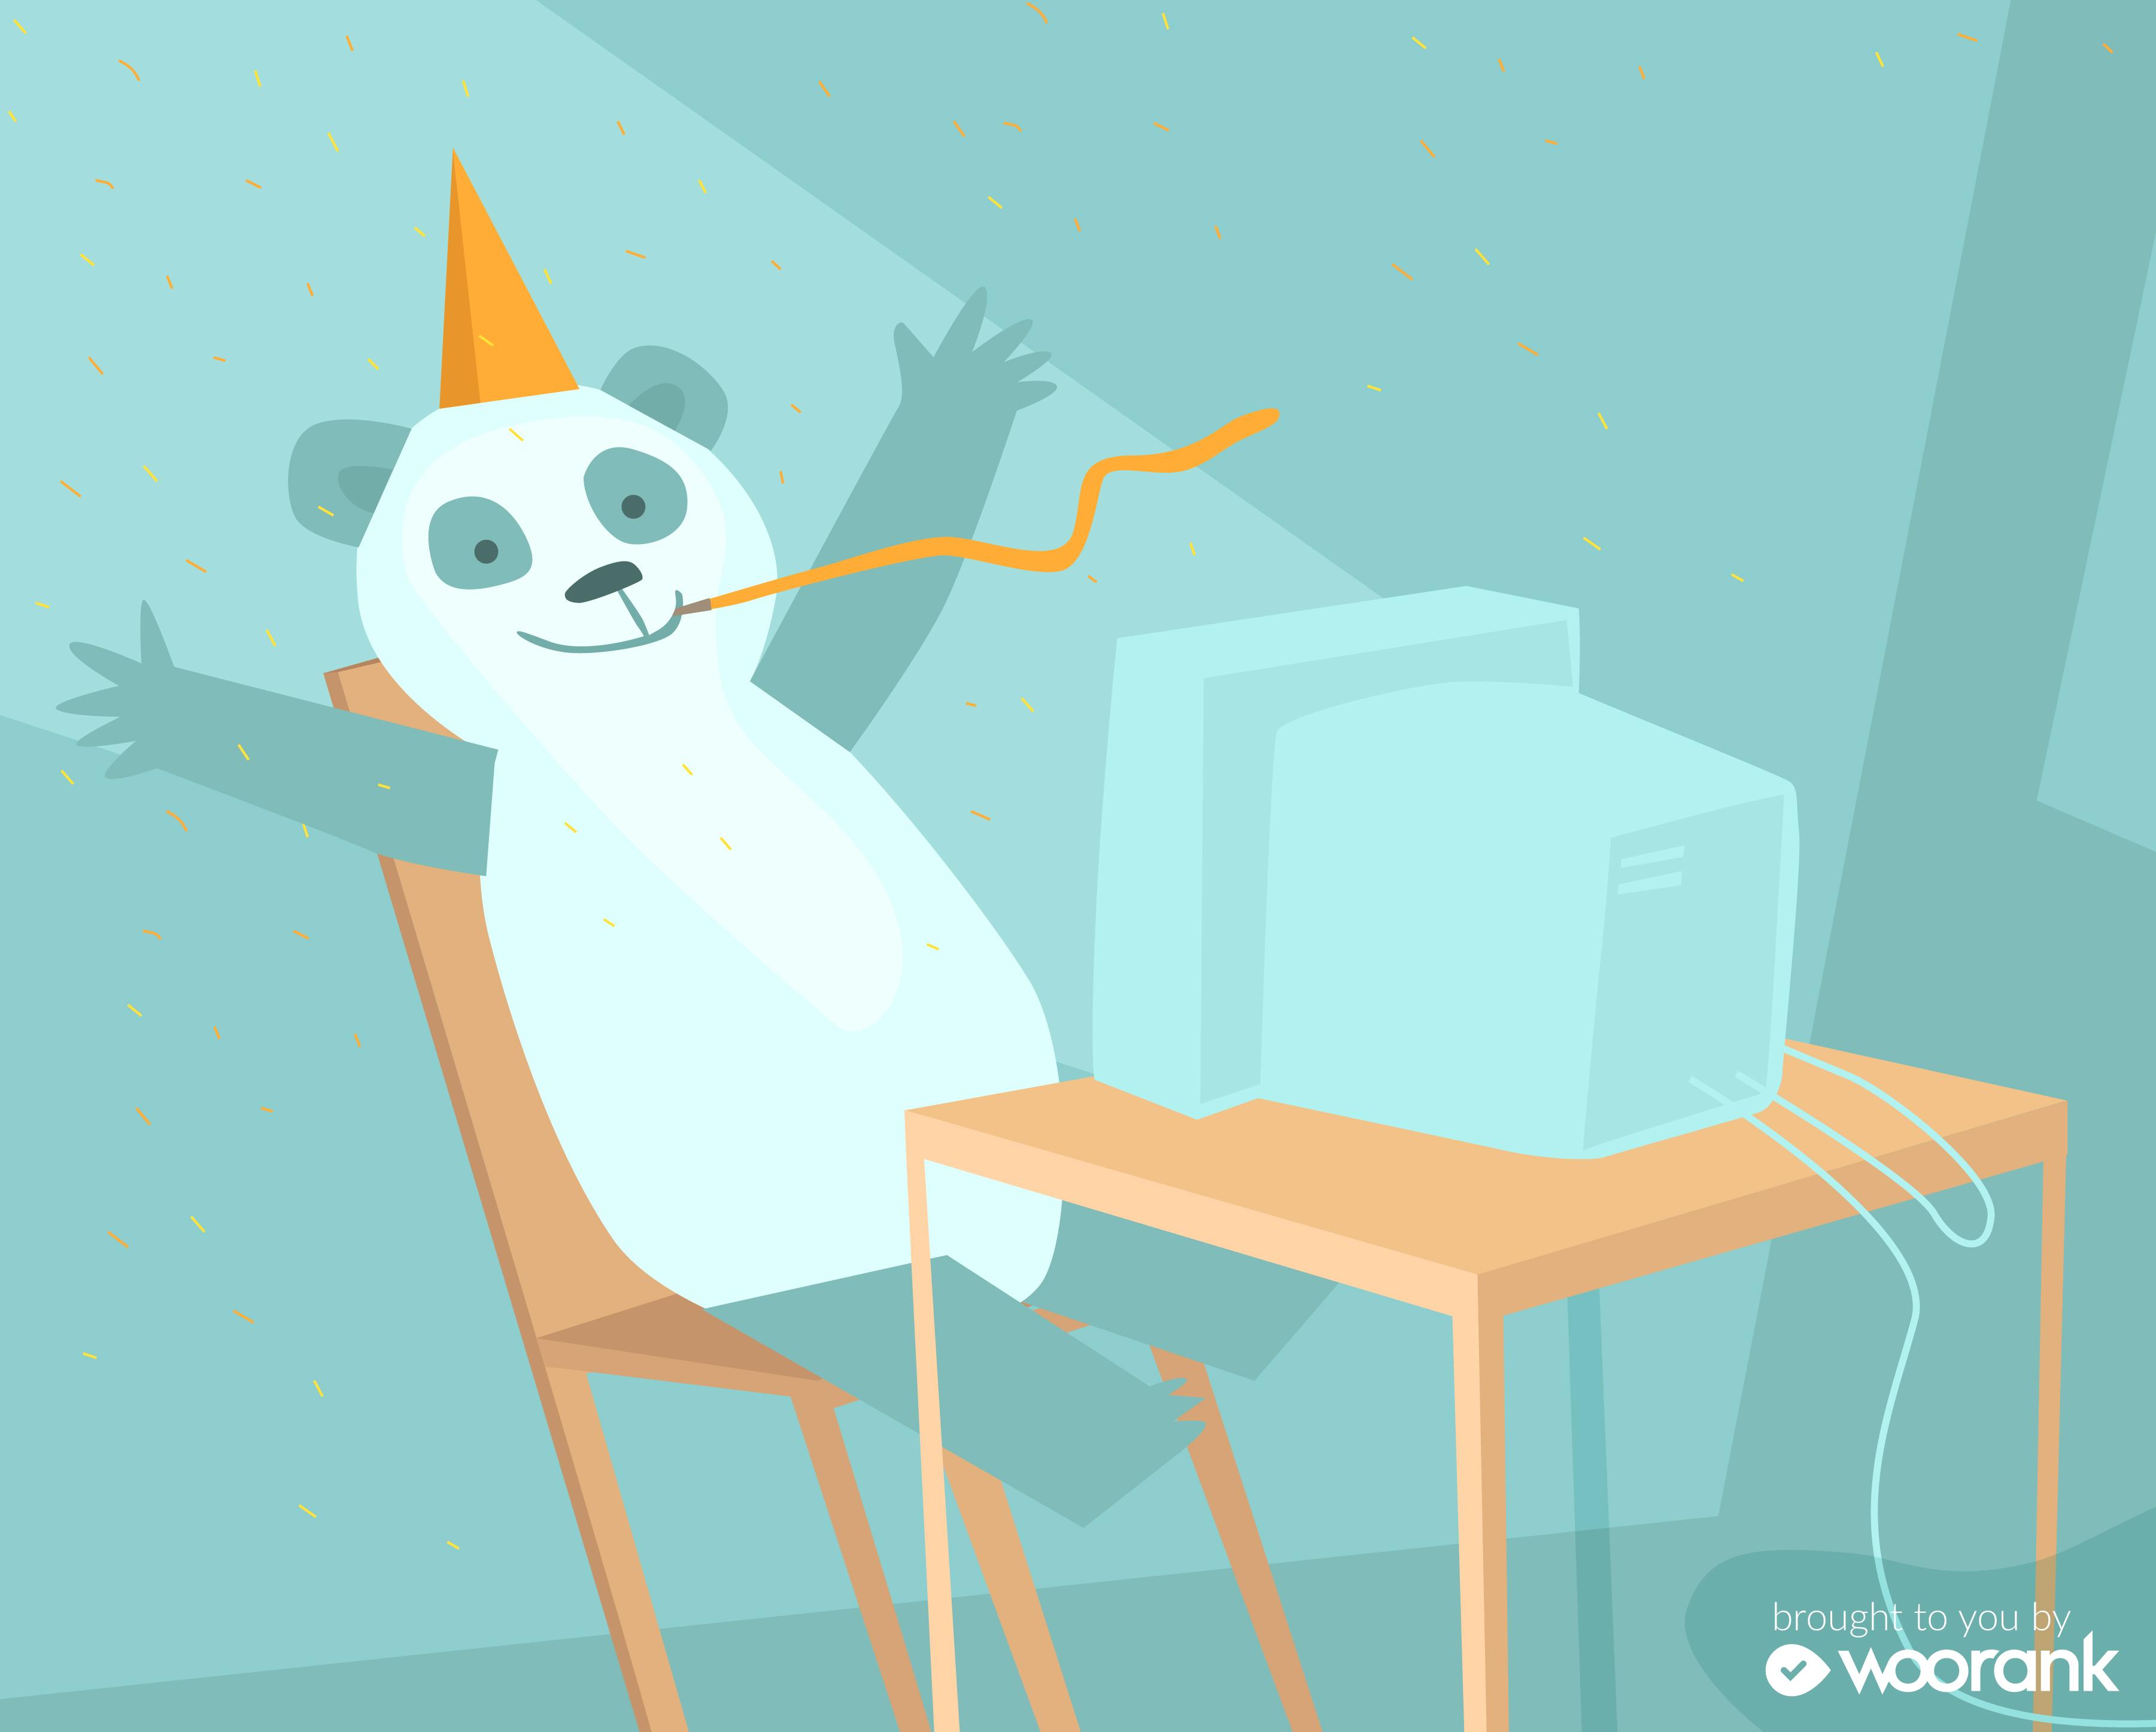 Celebrating panda in orange party hat sitting at computer